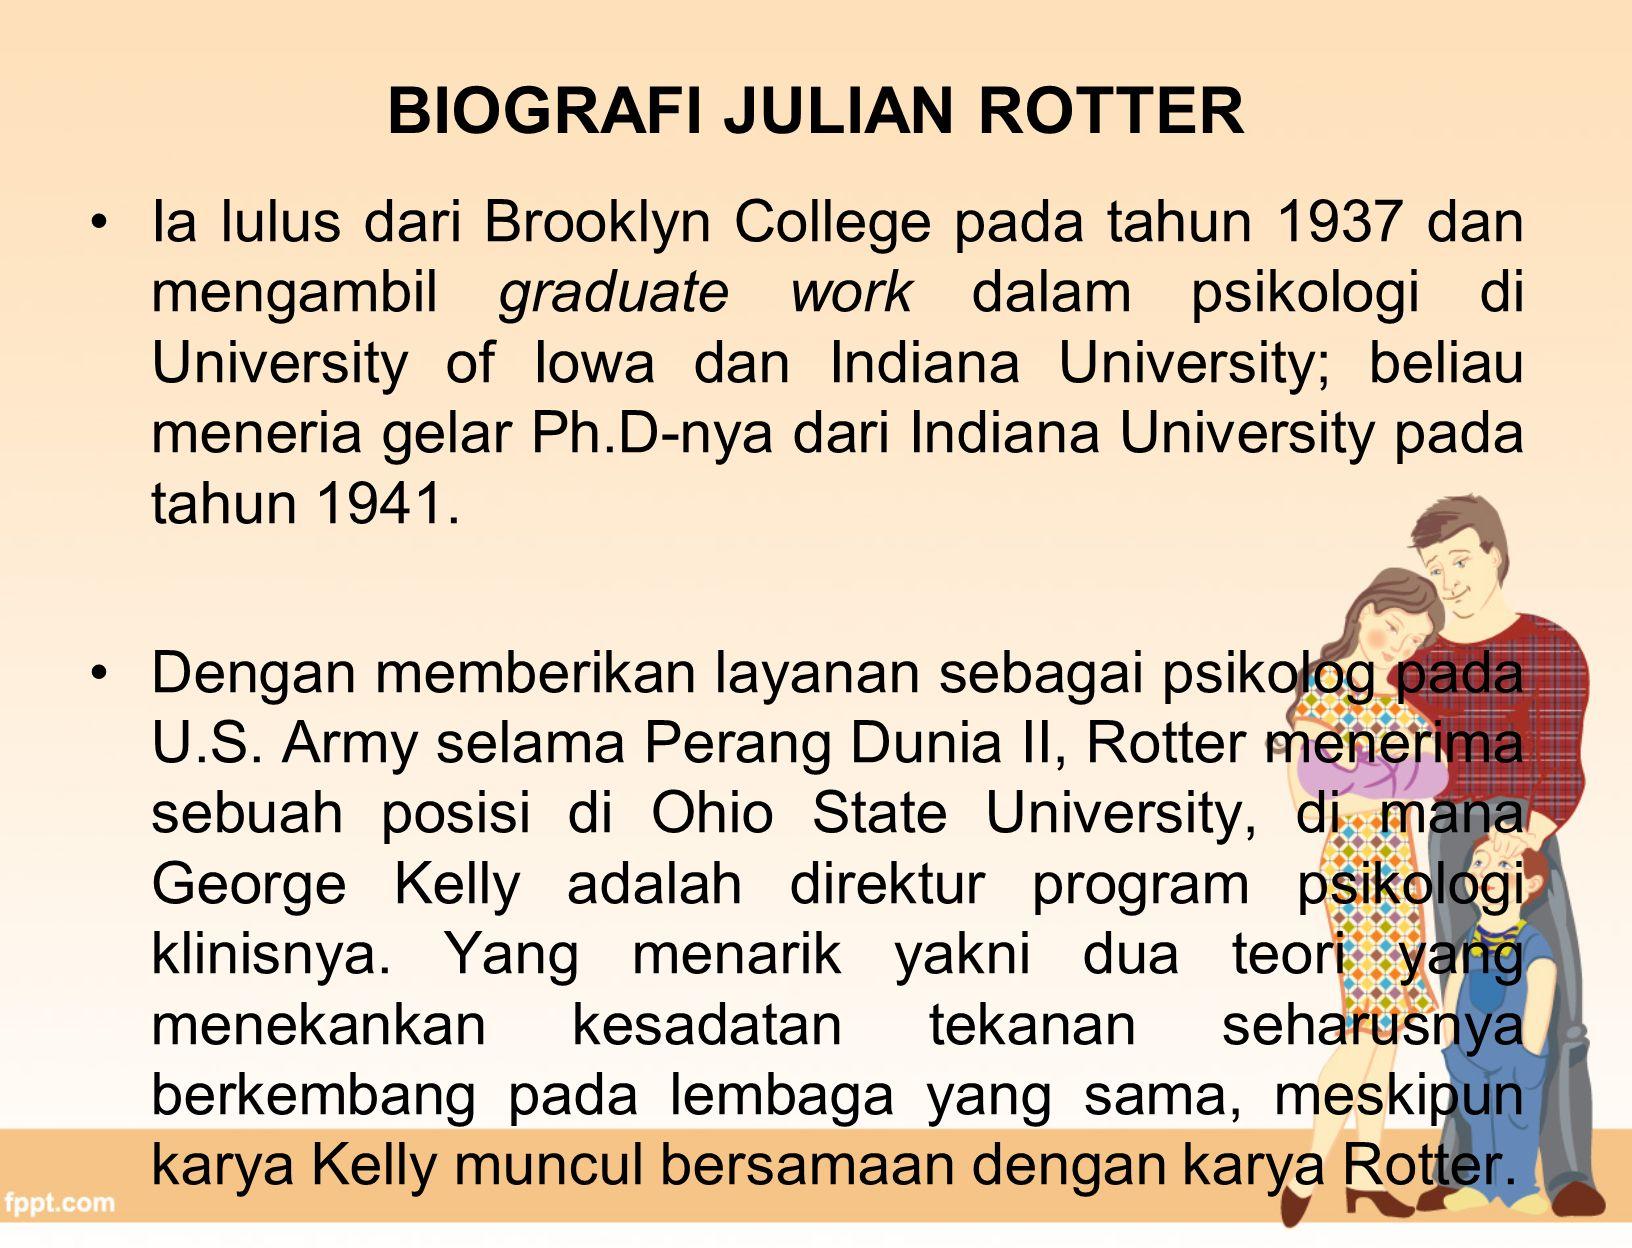 BIOGRAFI JULIAN ROTTER Ia lulus dari Brooklyn College pada tahun 1937 dan mengambil graduate work dalam psikologi di University of Iowa dan Indiana University; beliau meneria gelar Ph.D-nya dari Indiana University pada tahun 1941.